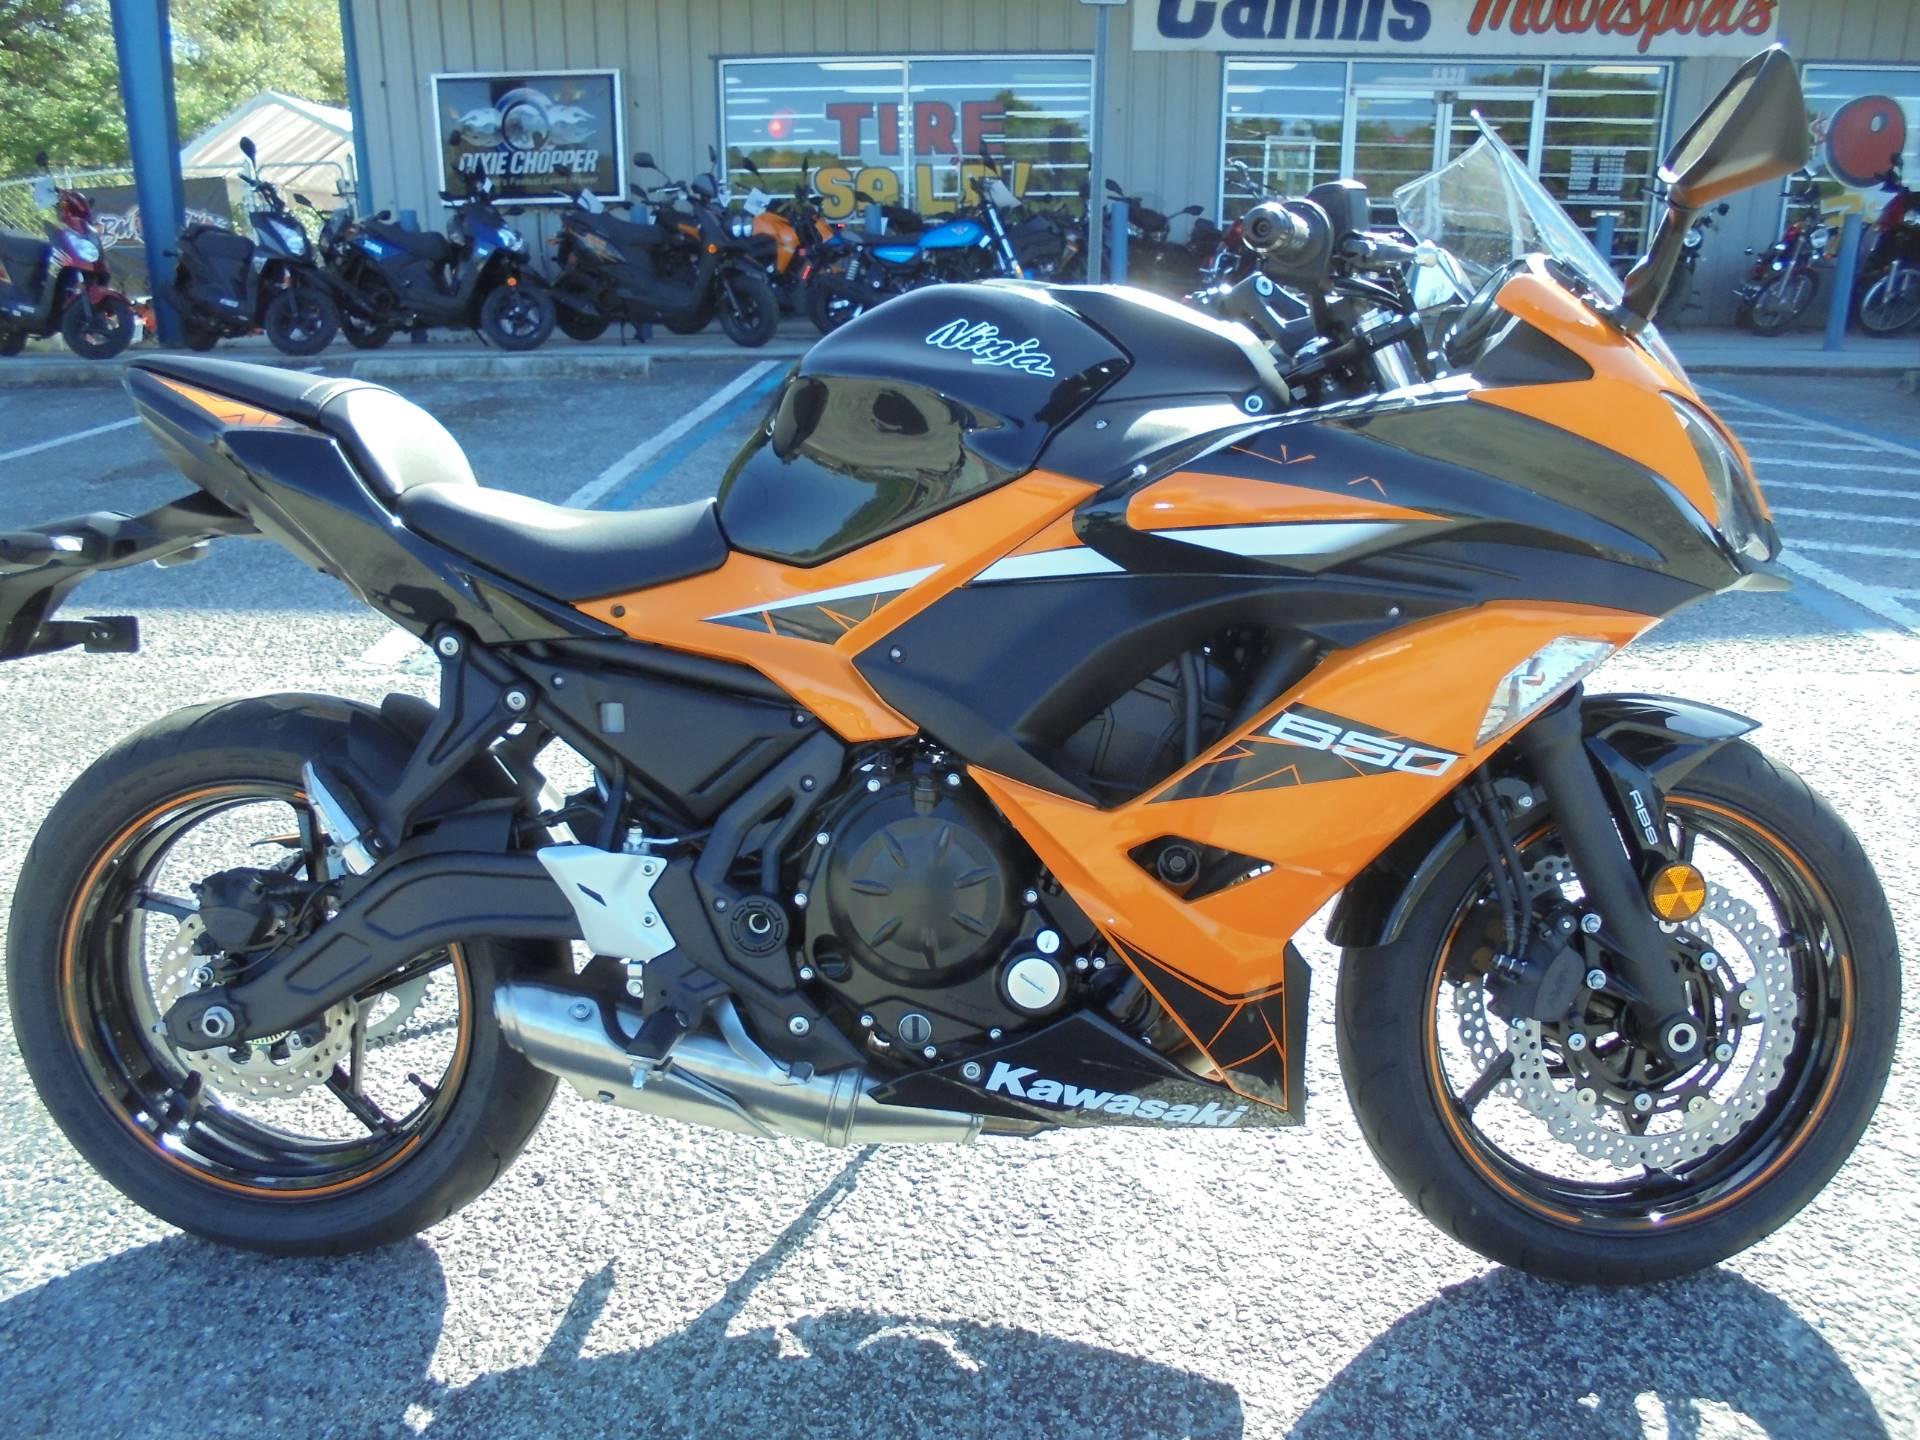 2019 Kawasaki Ninja 650 Abs In Zephyrhills Florida